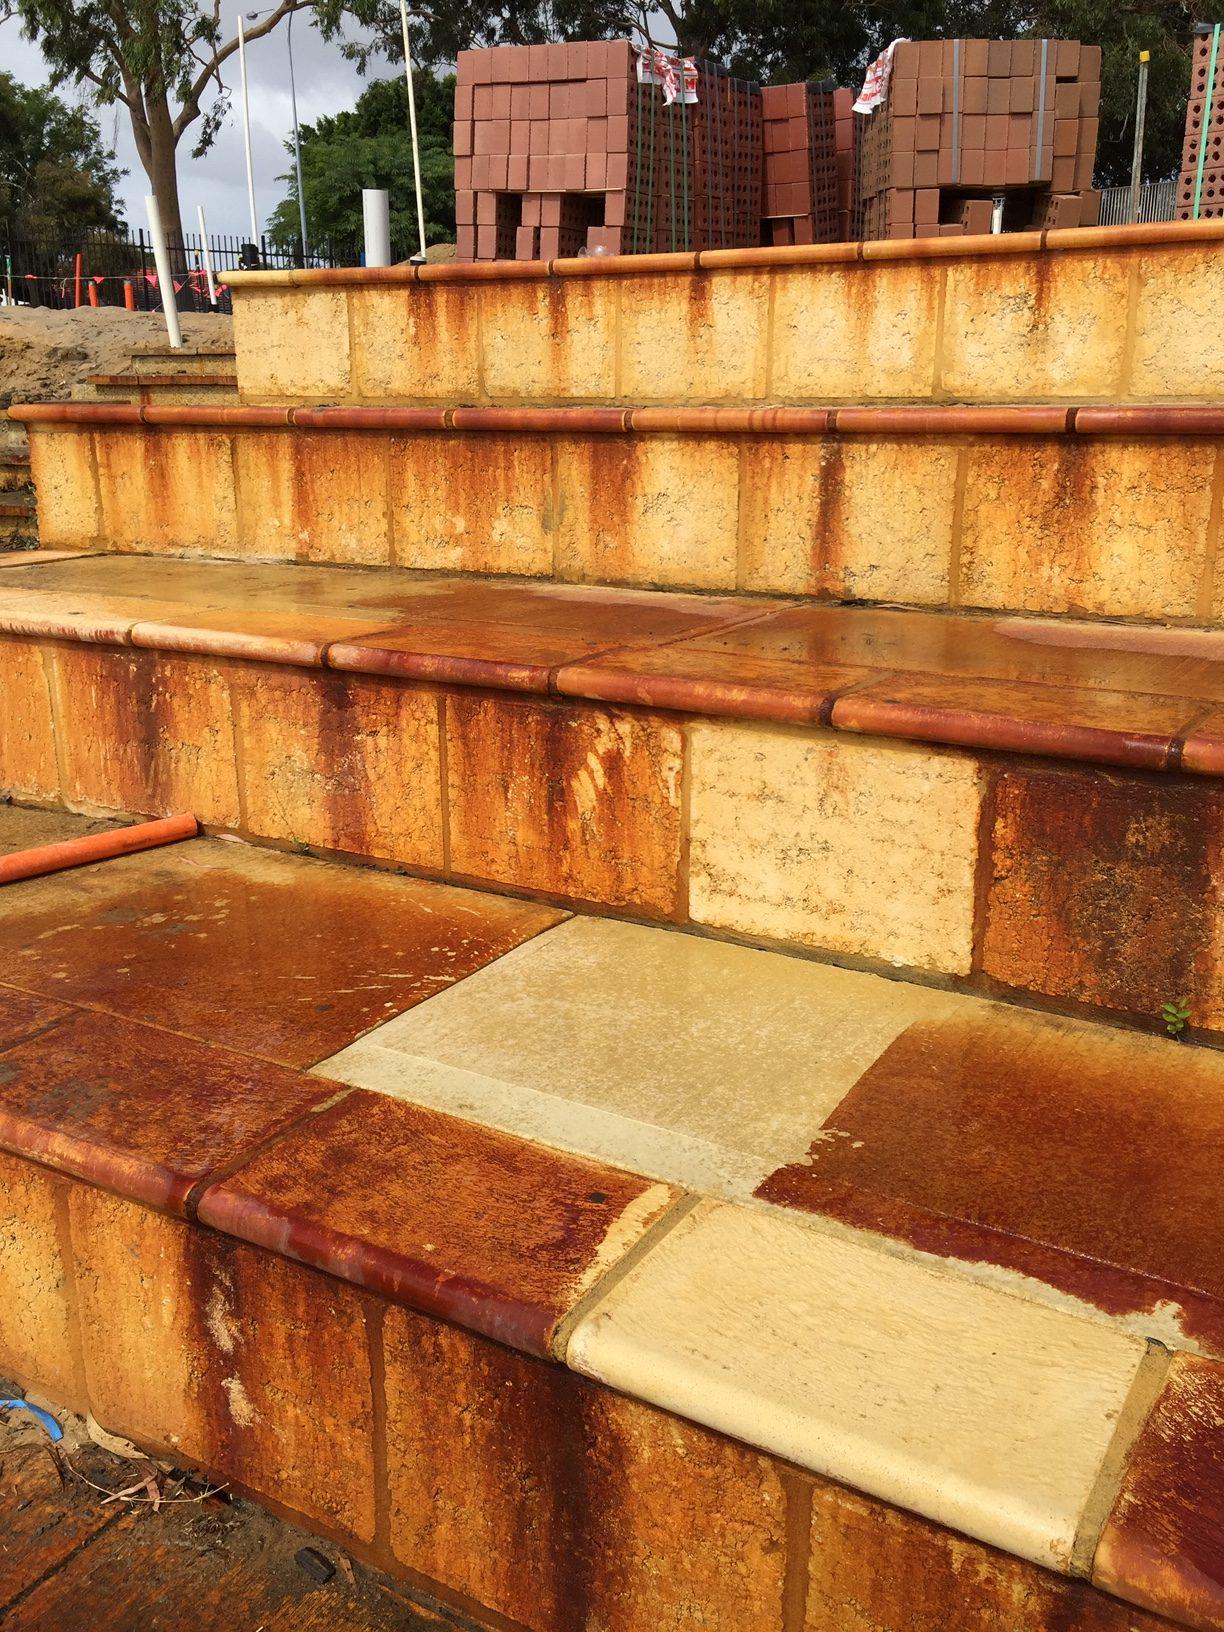 Iron Staining Bricks Before